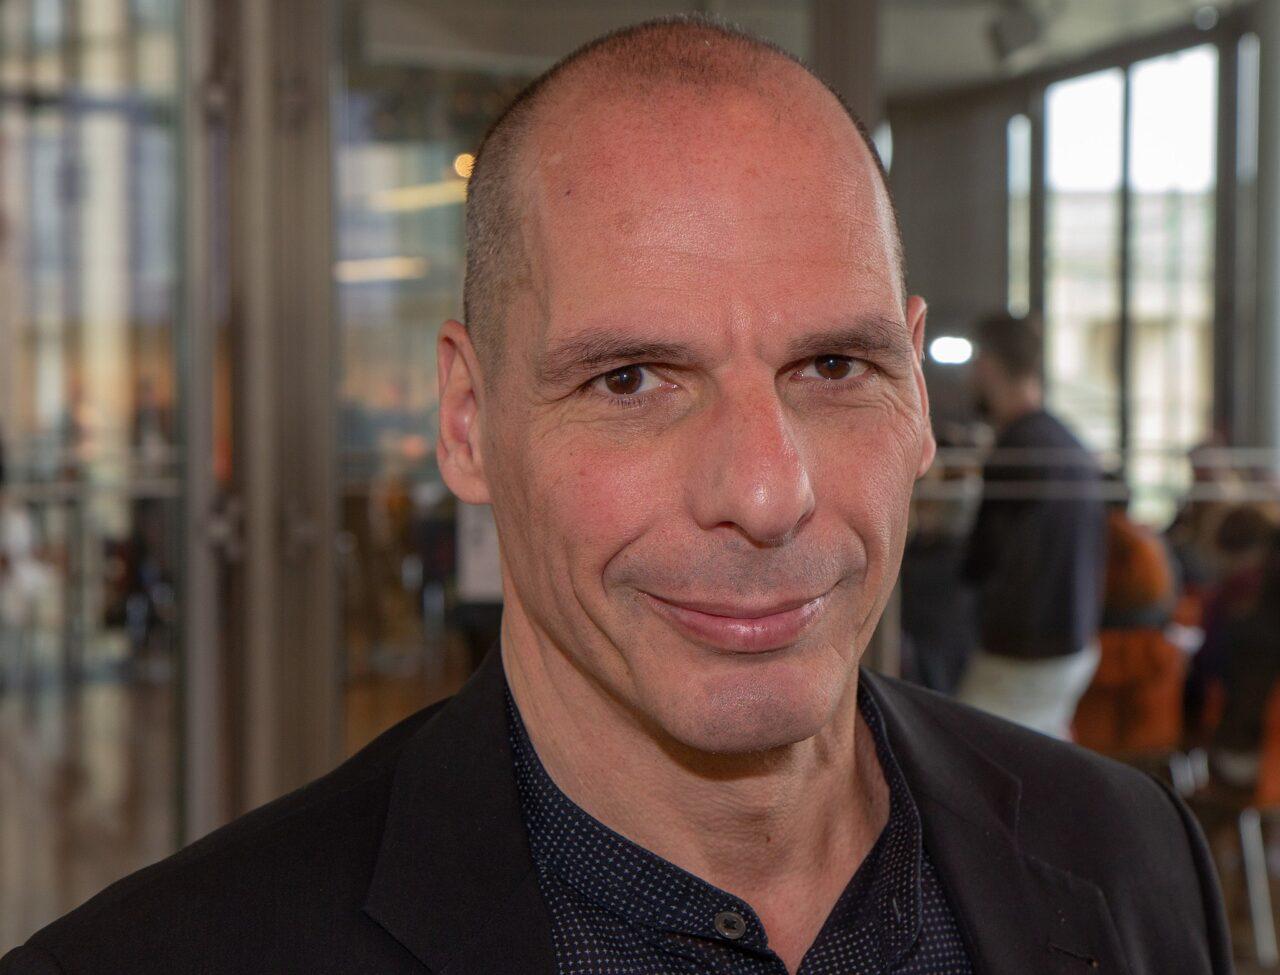 2048px-2019-04-13_Yanis_Varoufakis_by_Olaf_Kosinsky-0658